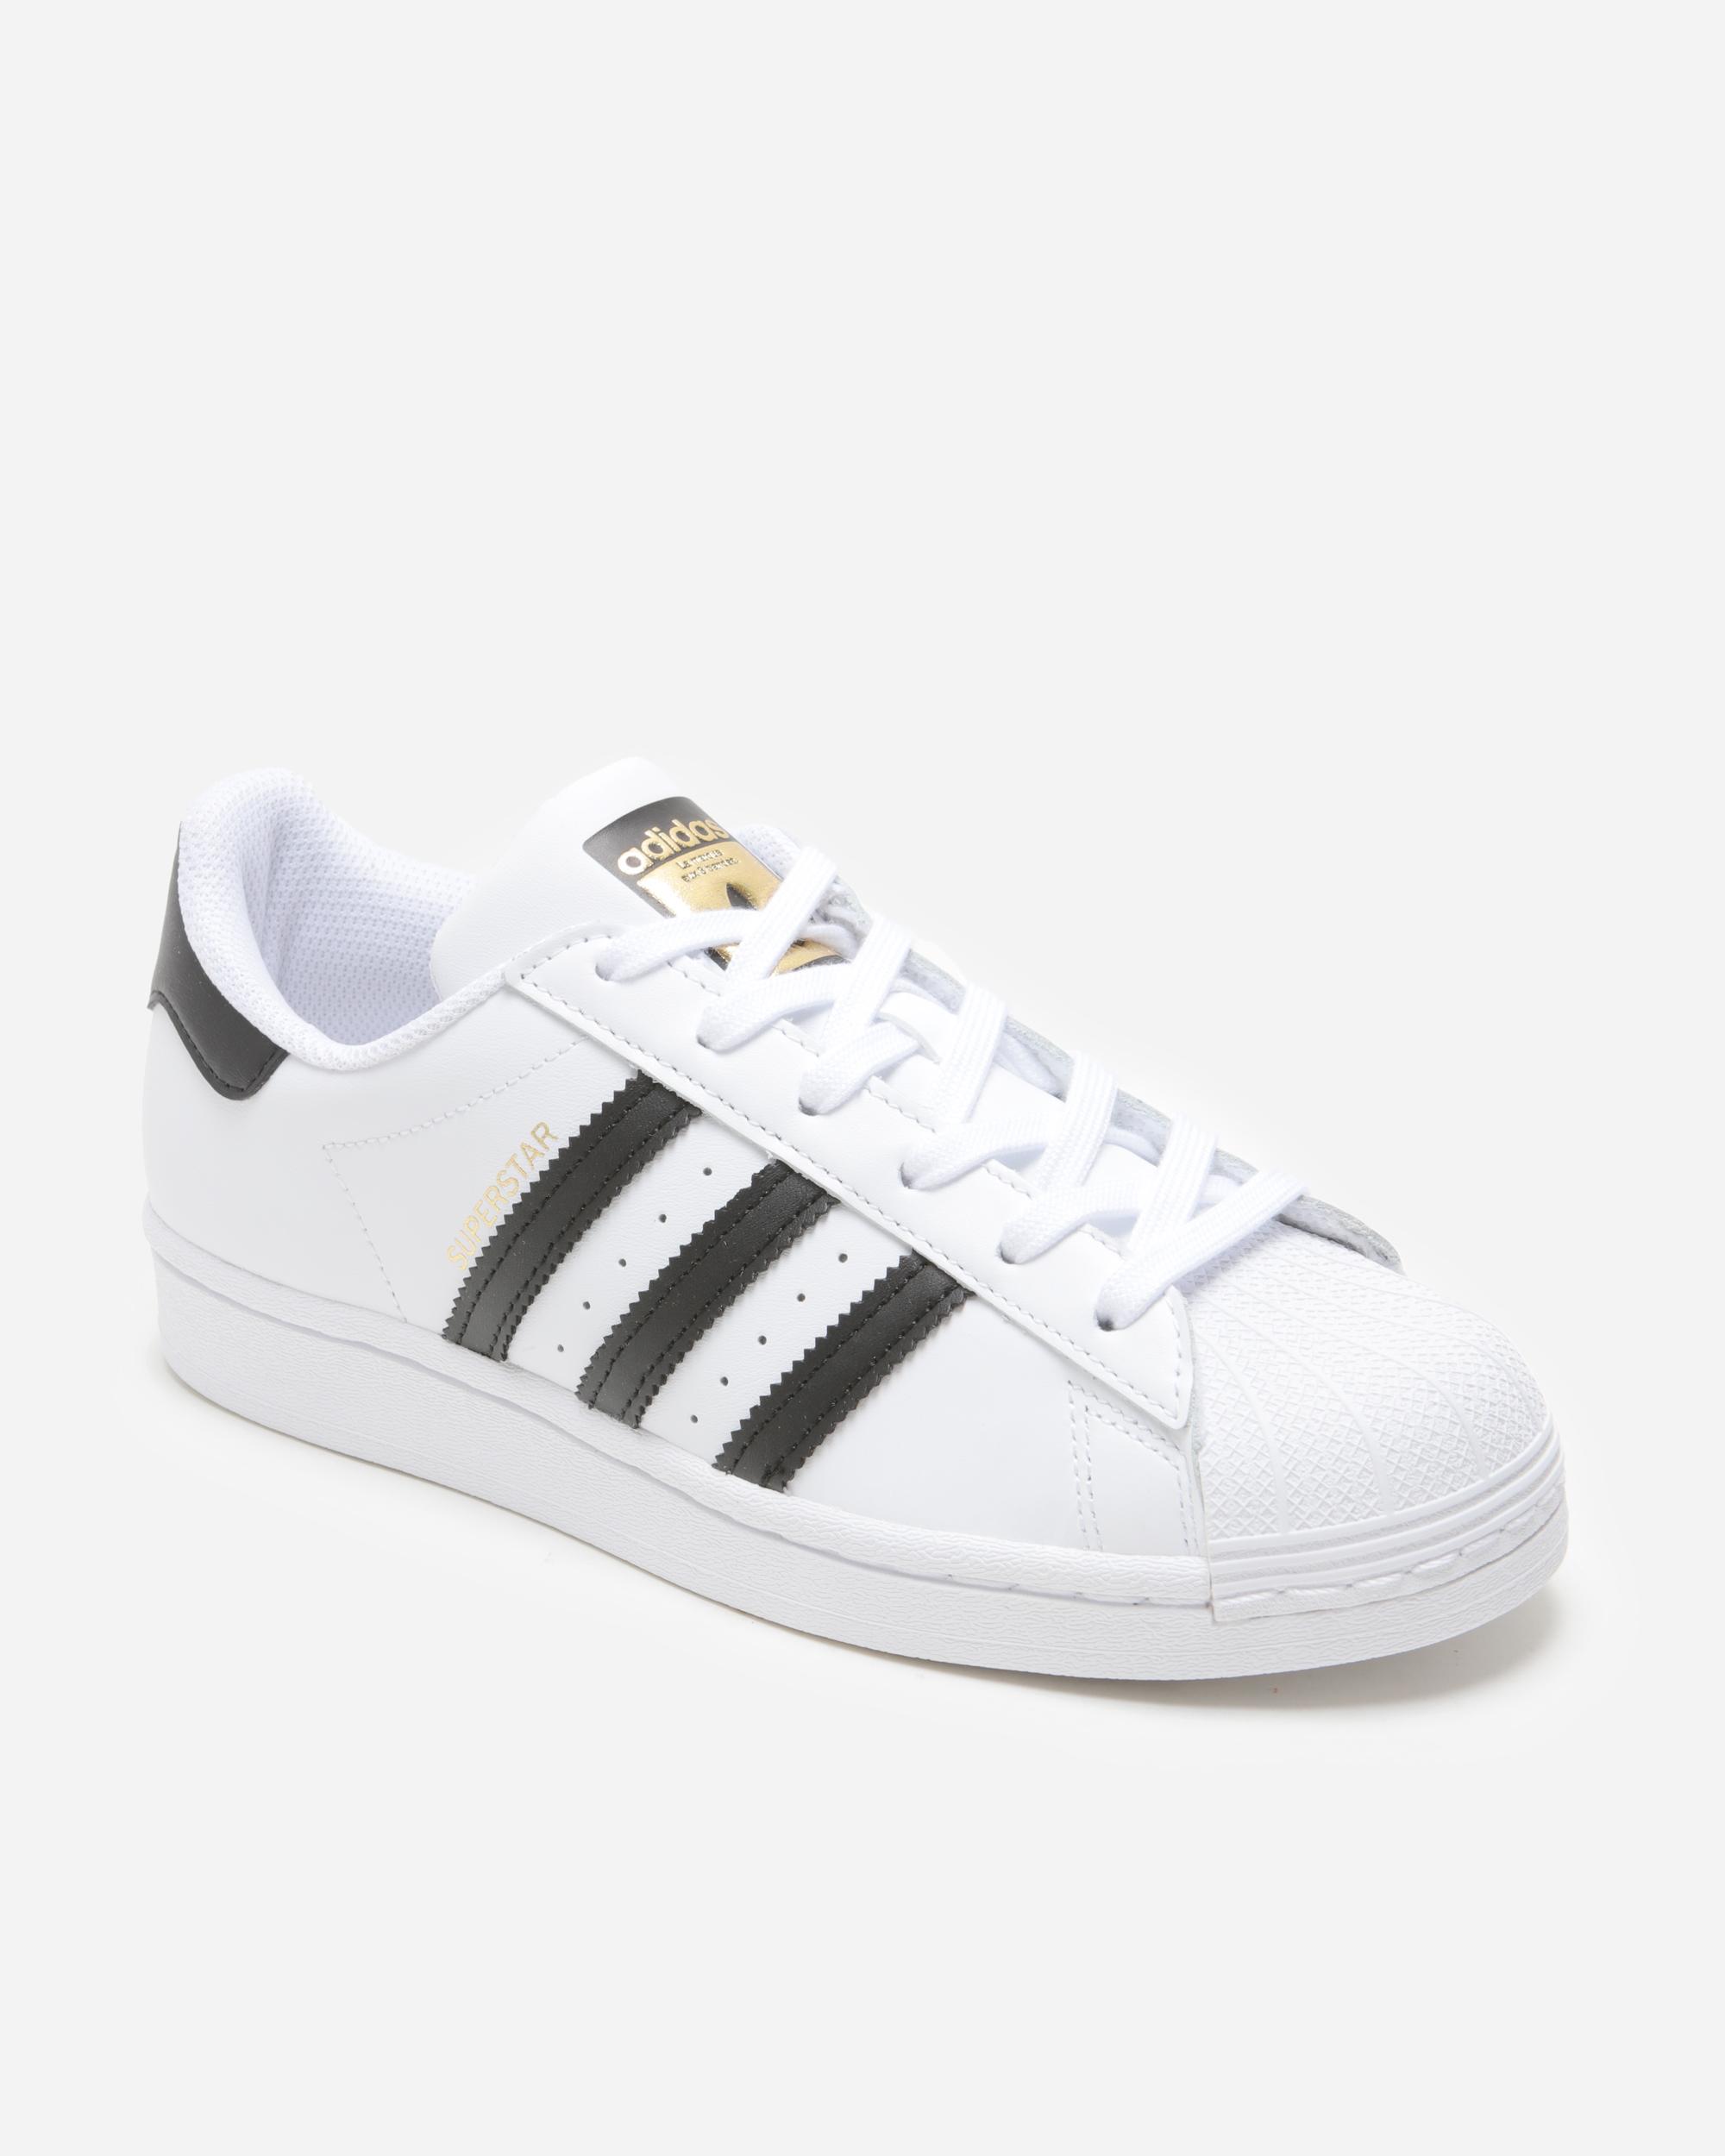 Adidas Originals Superstar White/Black | C77124